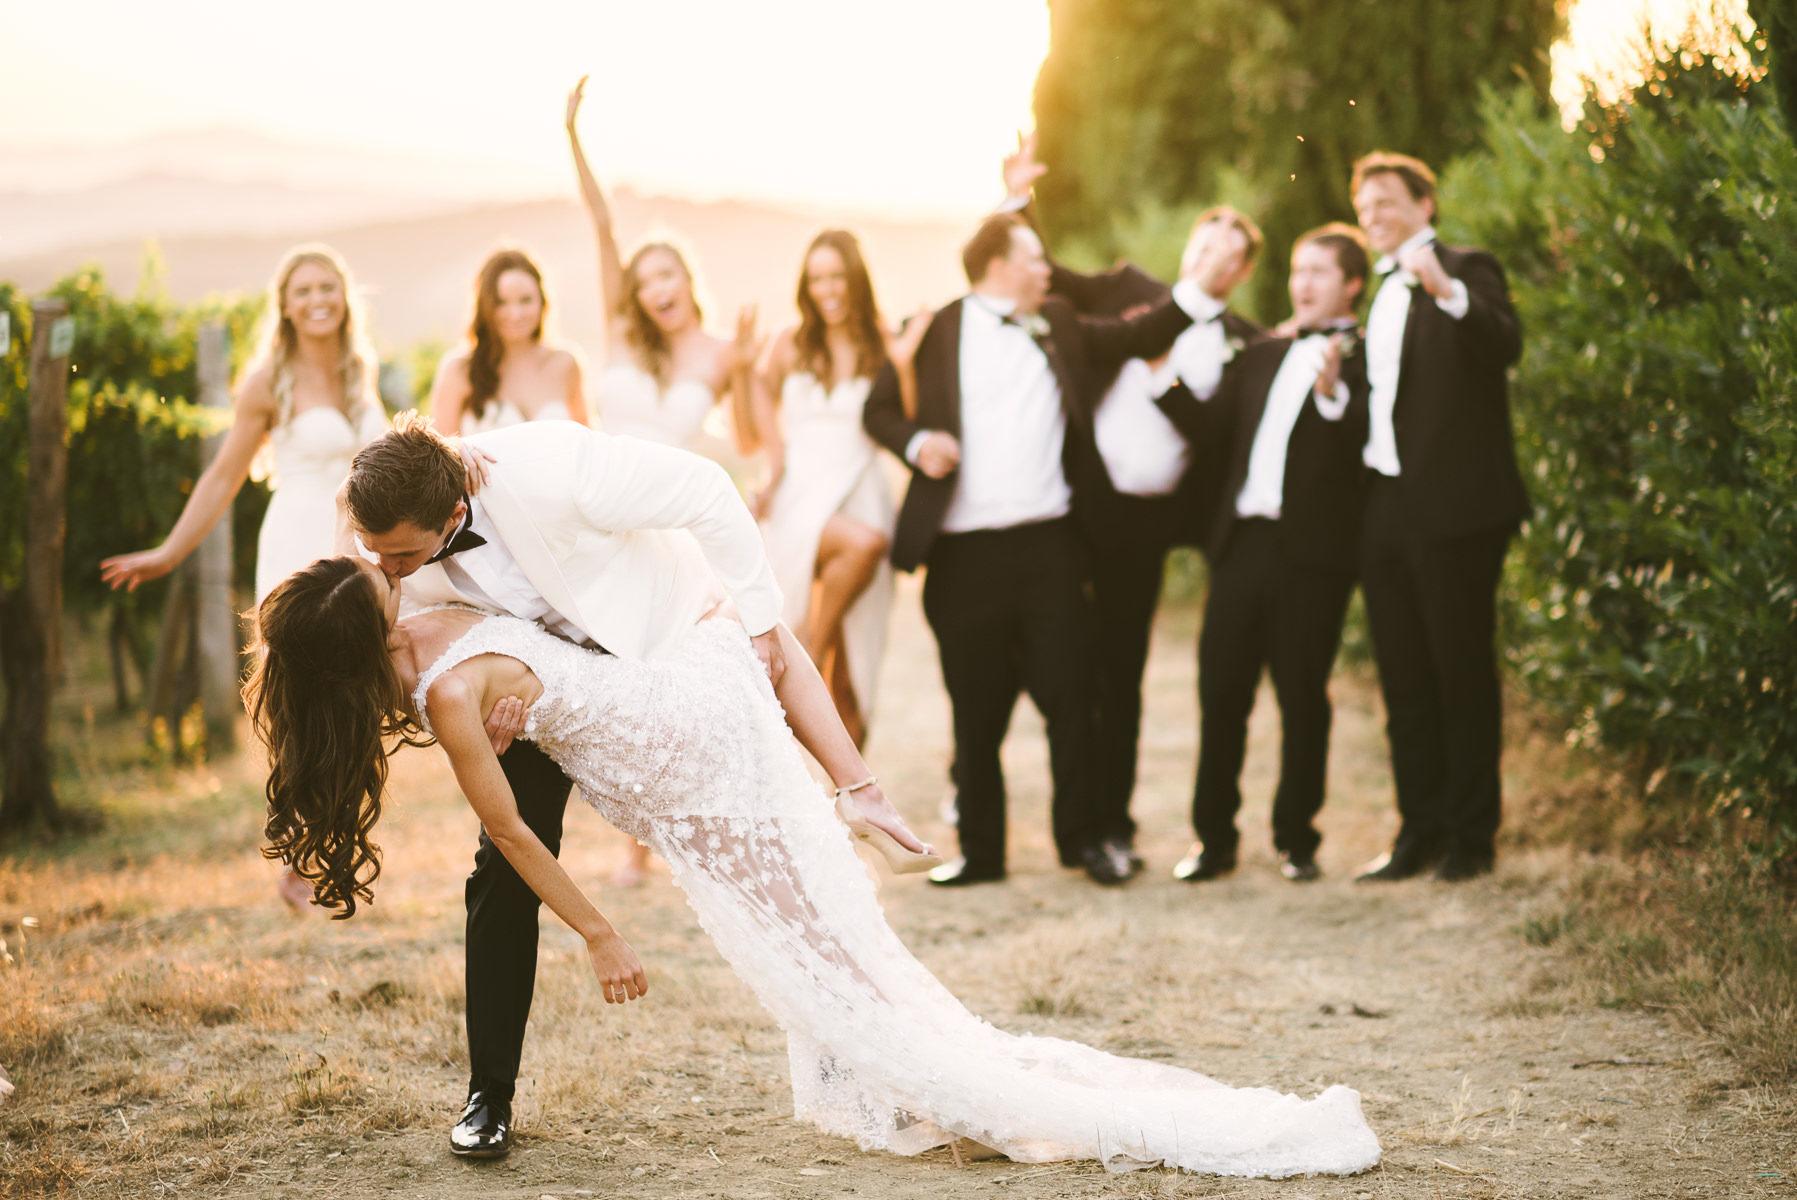 Tuscany countryside destination wedding in Panzano, Chianti at Agriturismo La Valletta